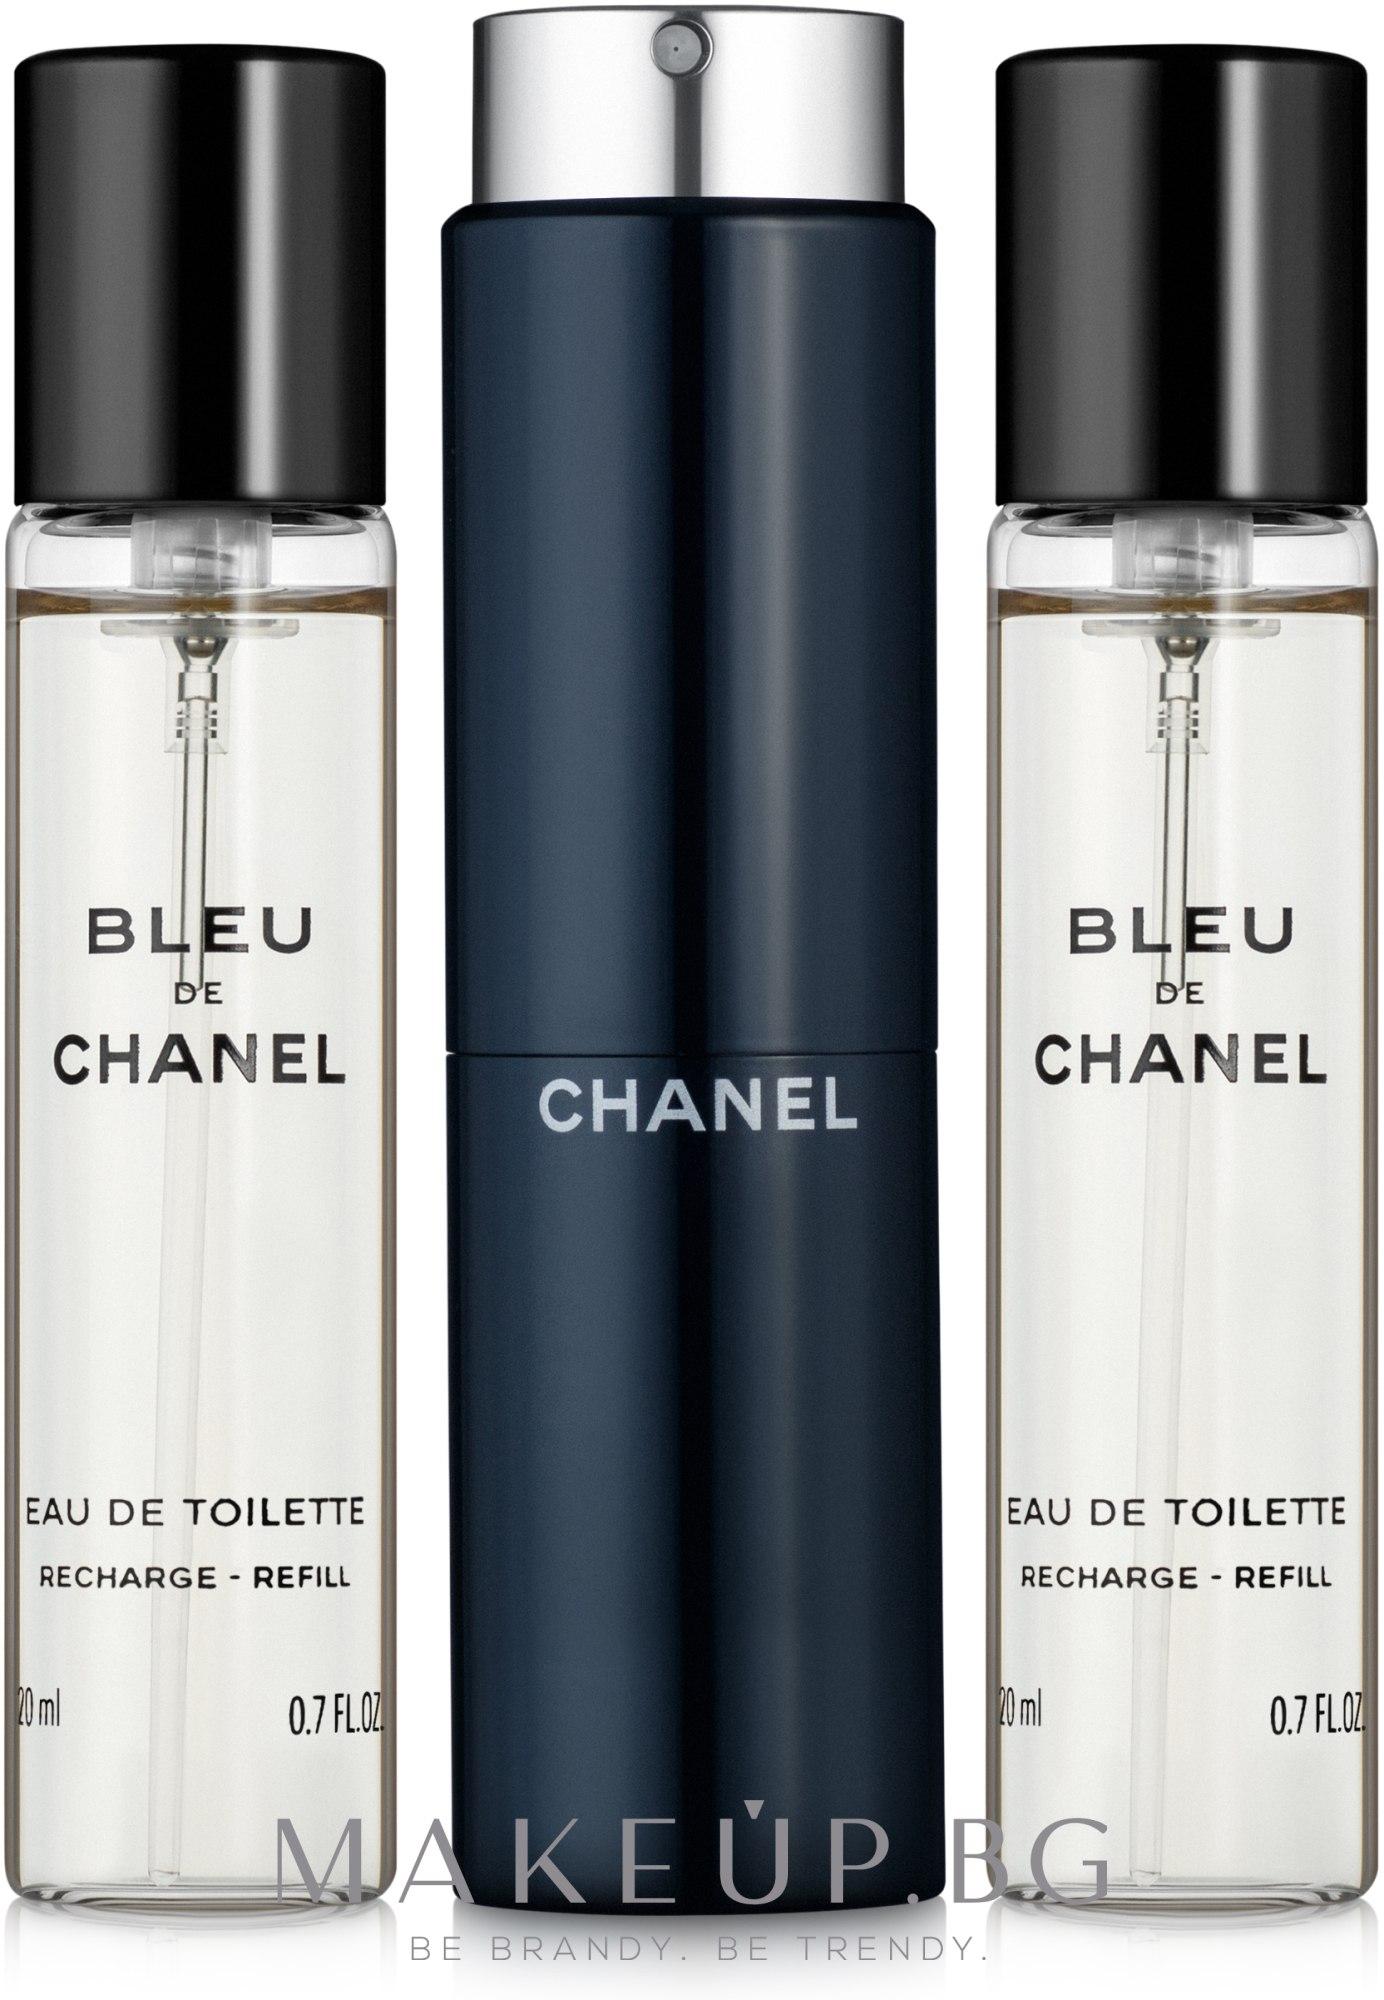 Chanel Bleu de Chanel - Тоалетна вода (3 пълнителя и атомайзер) — снимка 3x20 ml